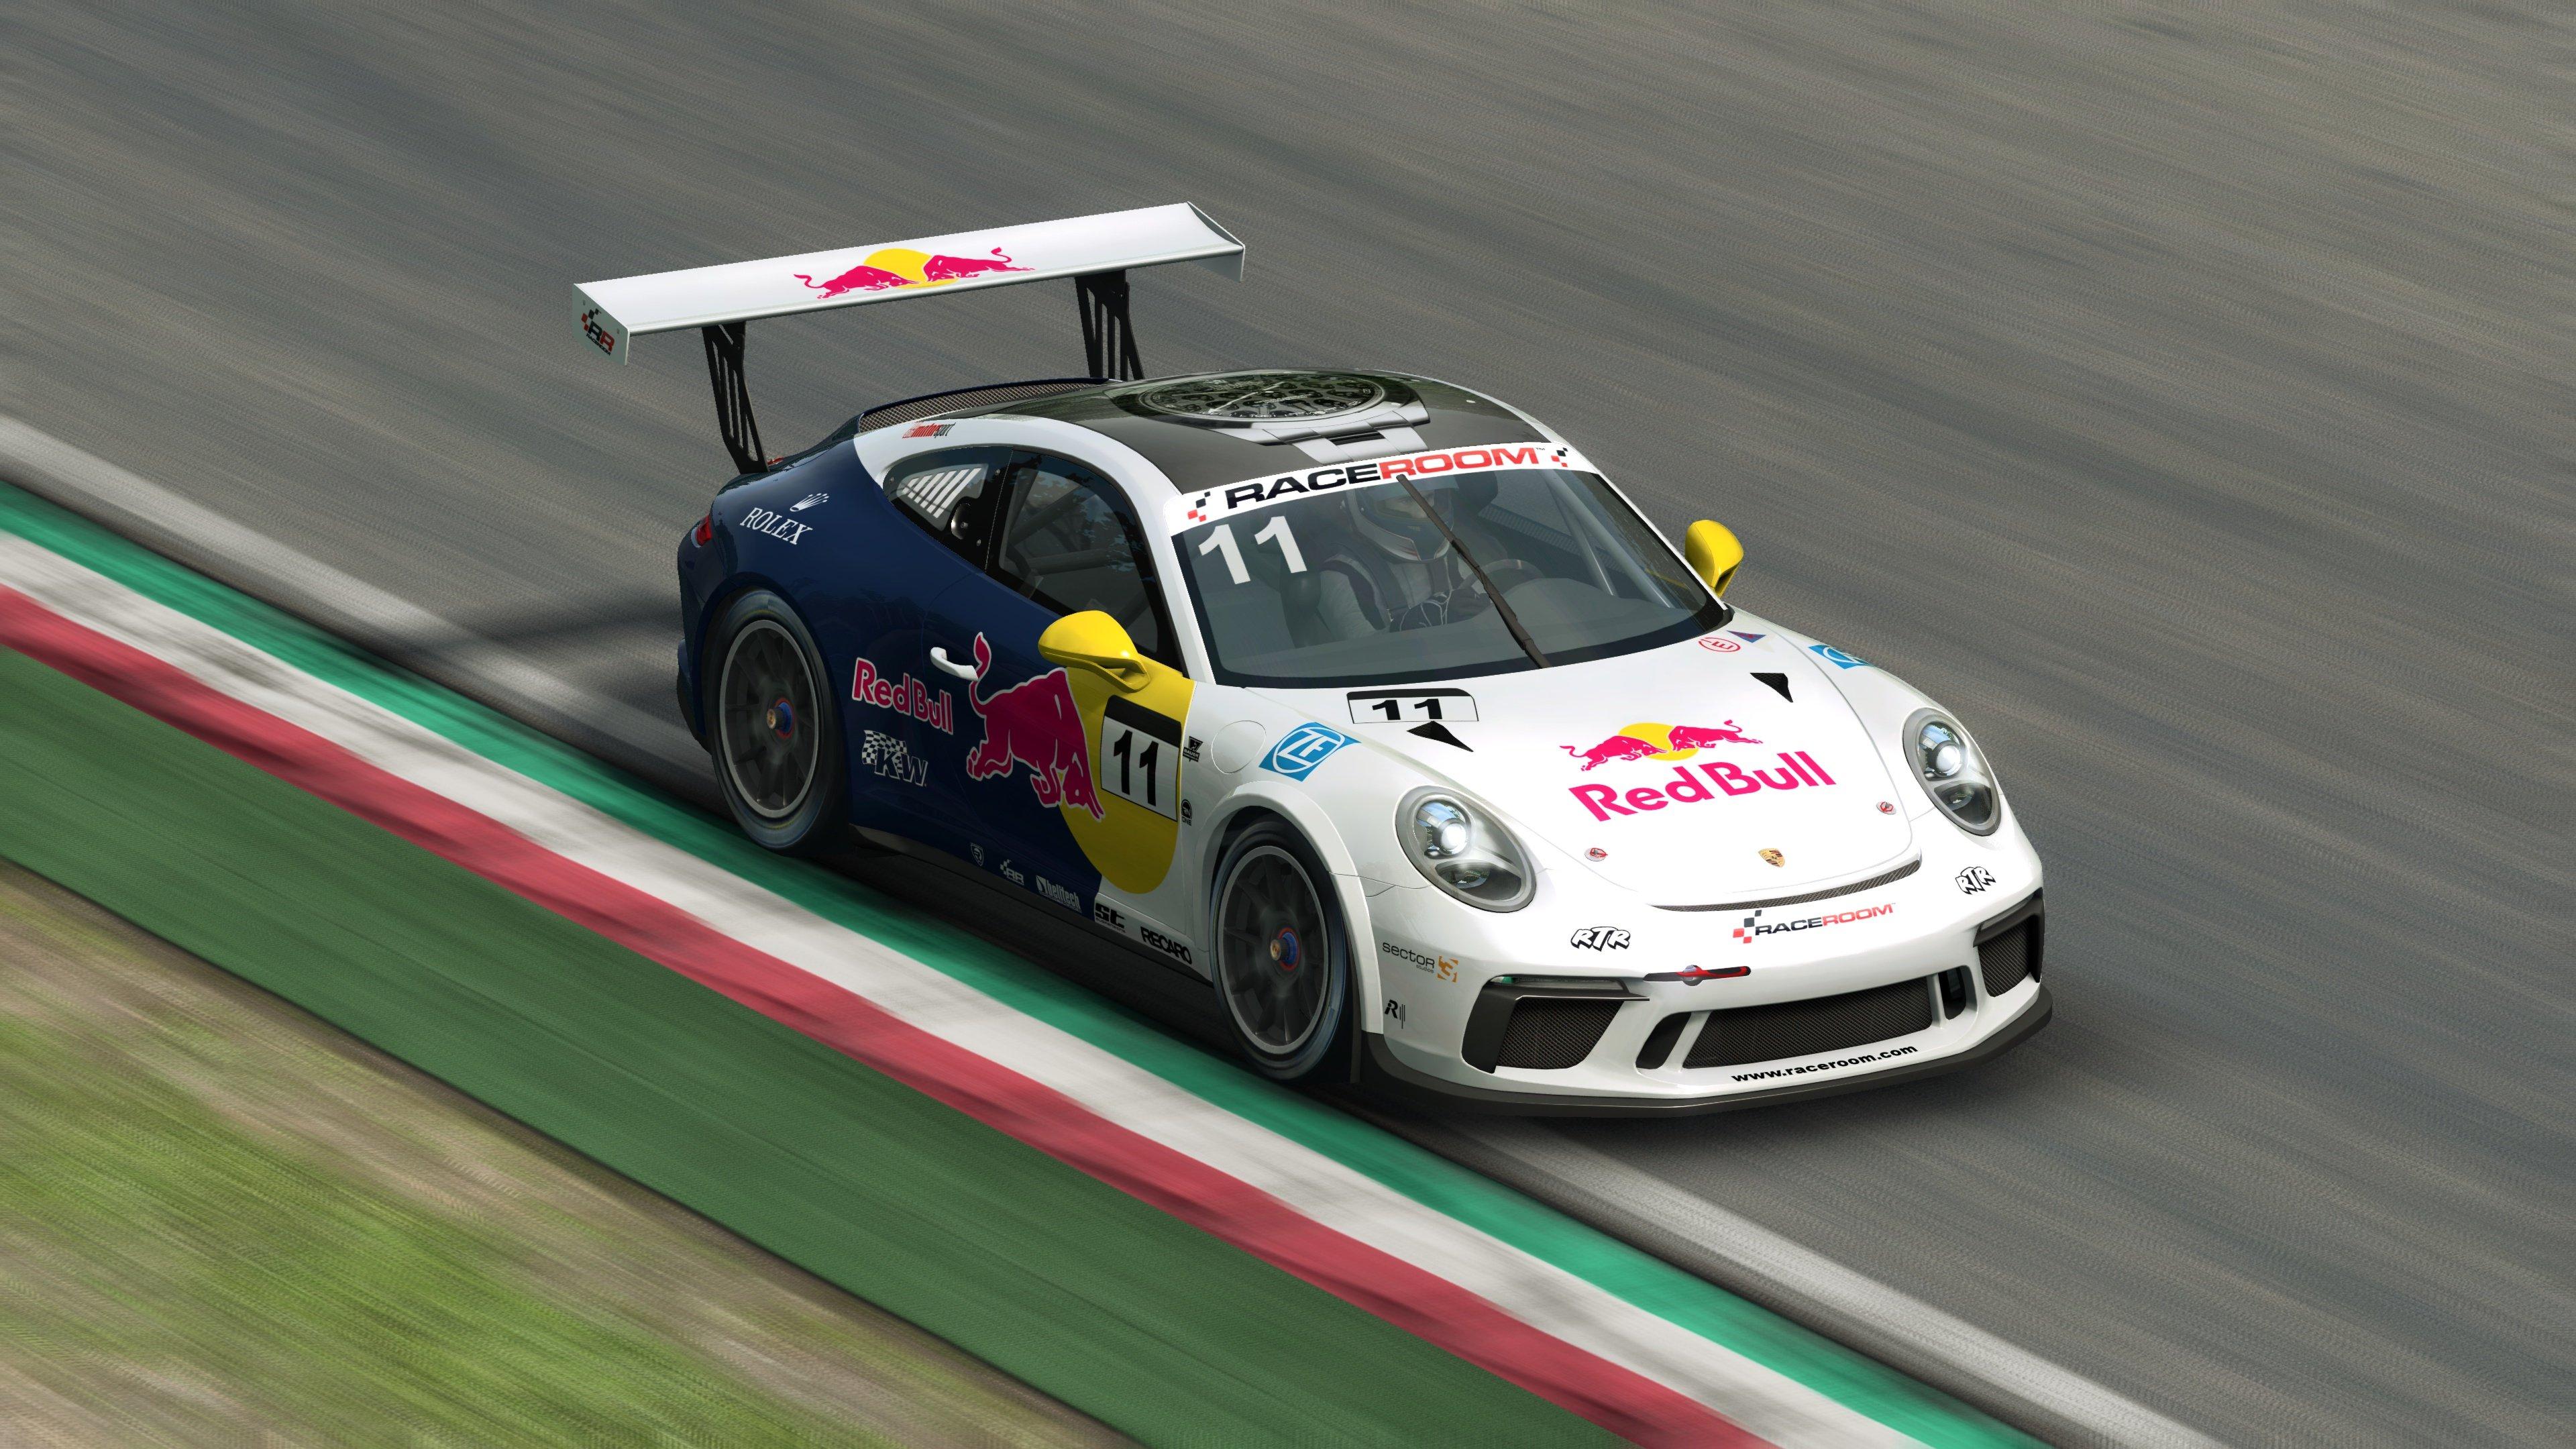 RaceRoom 991.2 Porsche 911 GT3 Cup 44